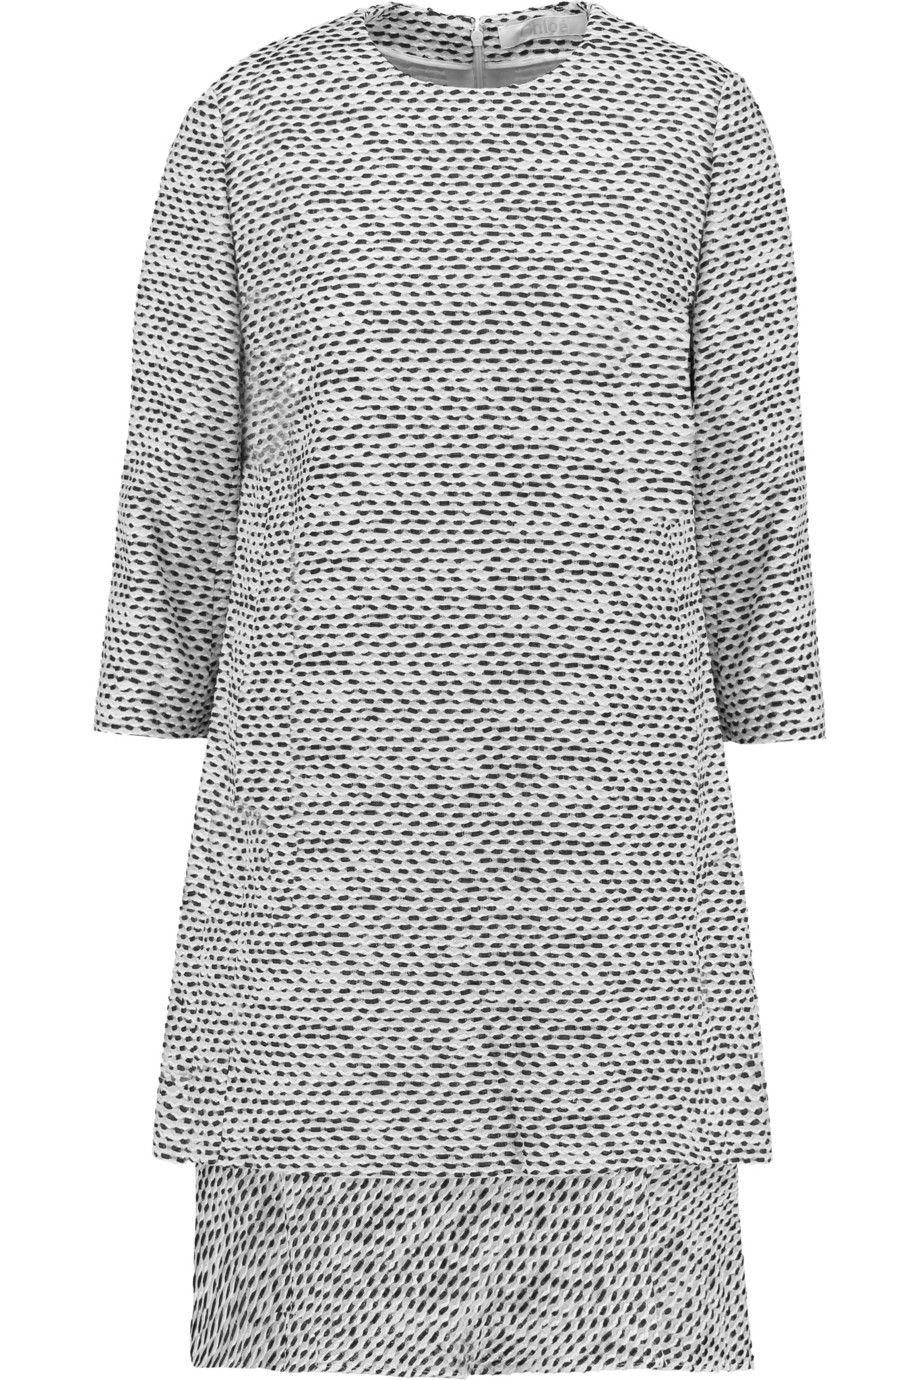 ChloéLayered bouclé dress